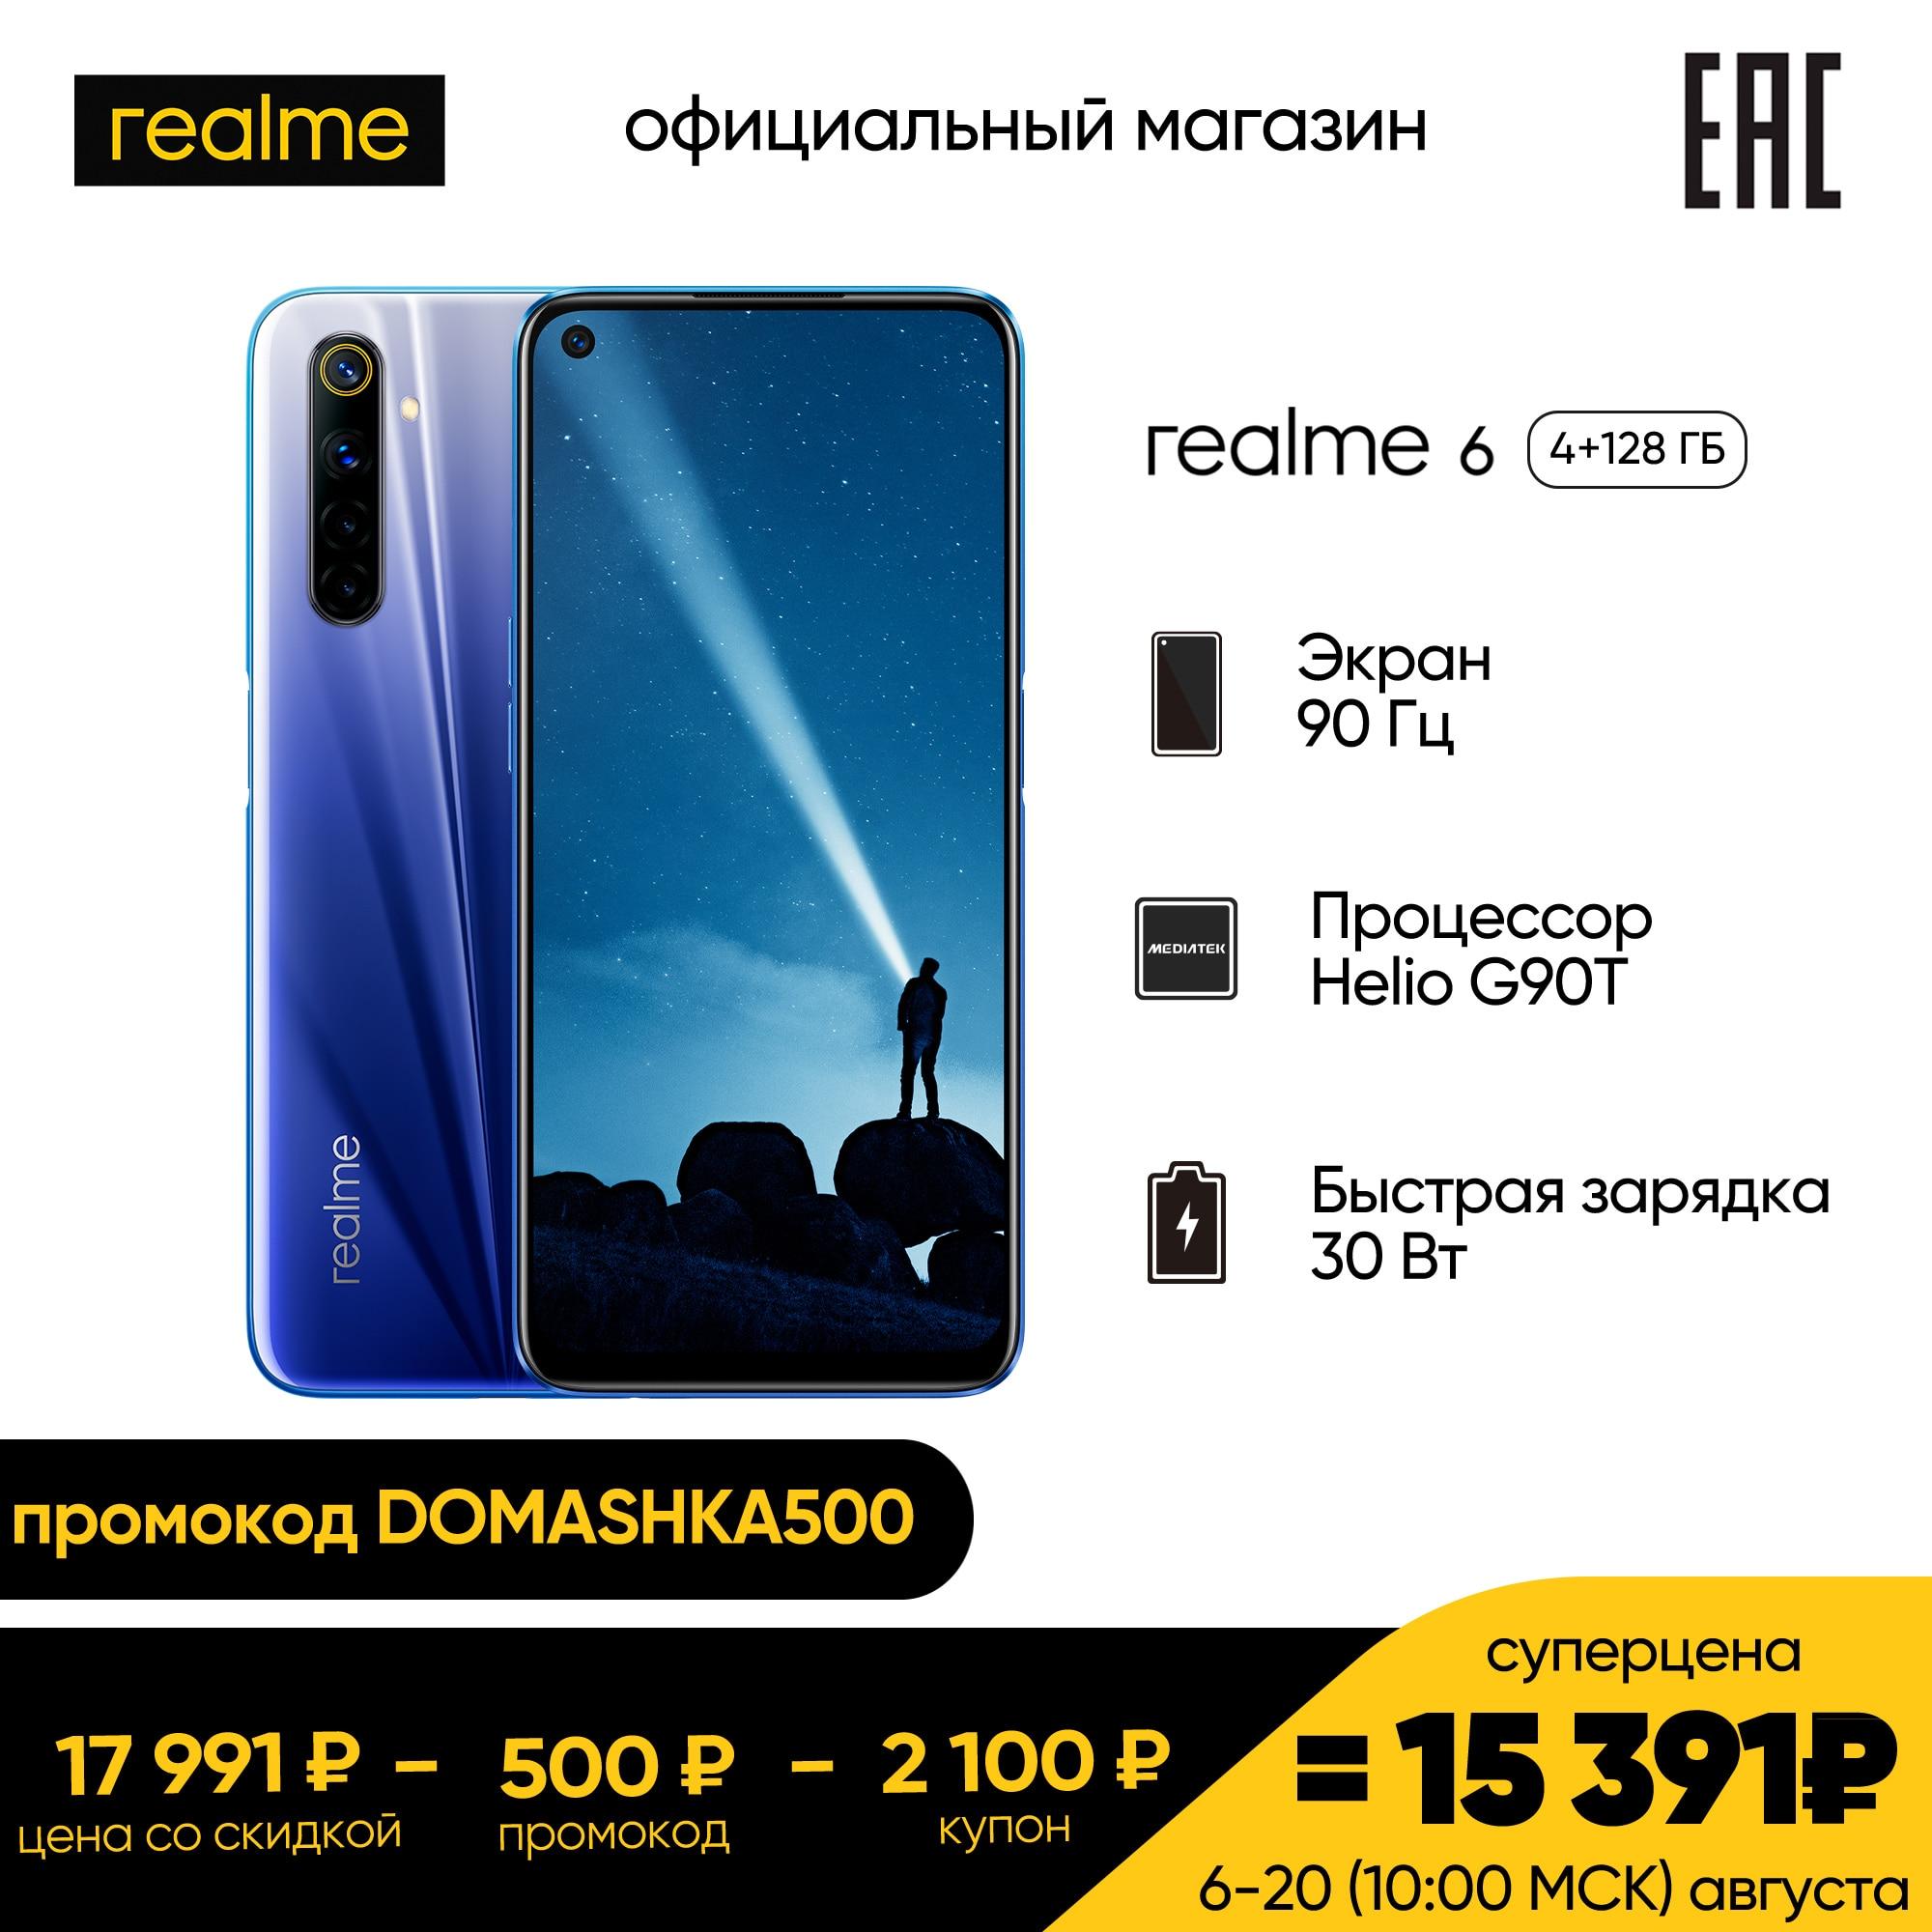 Смартфон realme 6 4+128 ГБ RU [Суперцена 15391₽ только с 6 до 20 августа в официальном магазине realme] [Промокод DOMASHKA500]